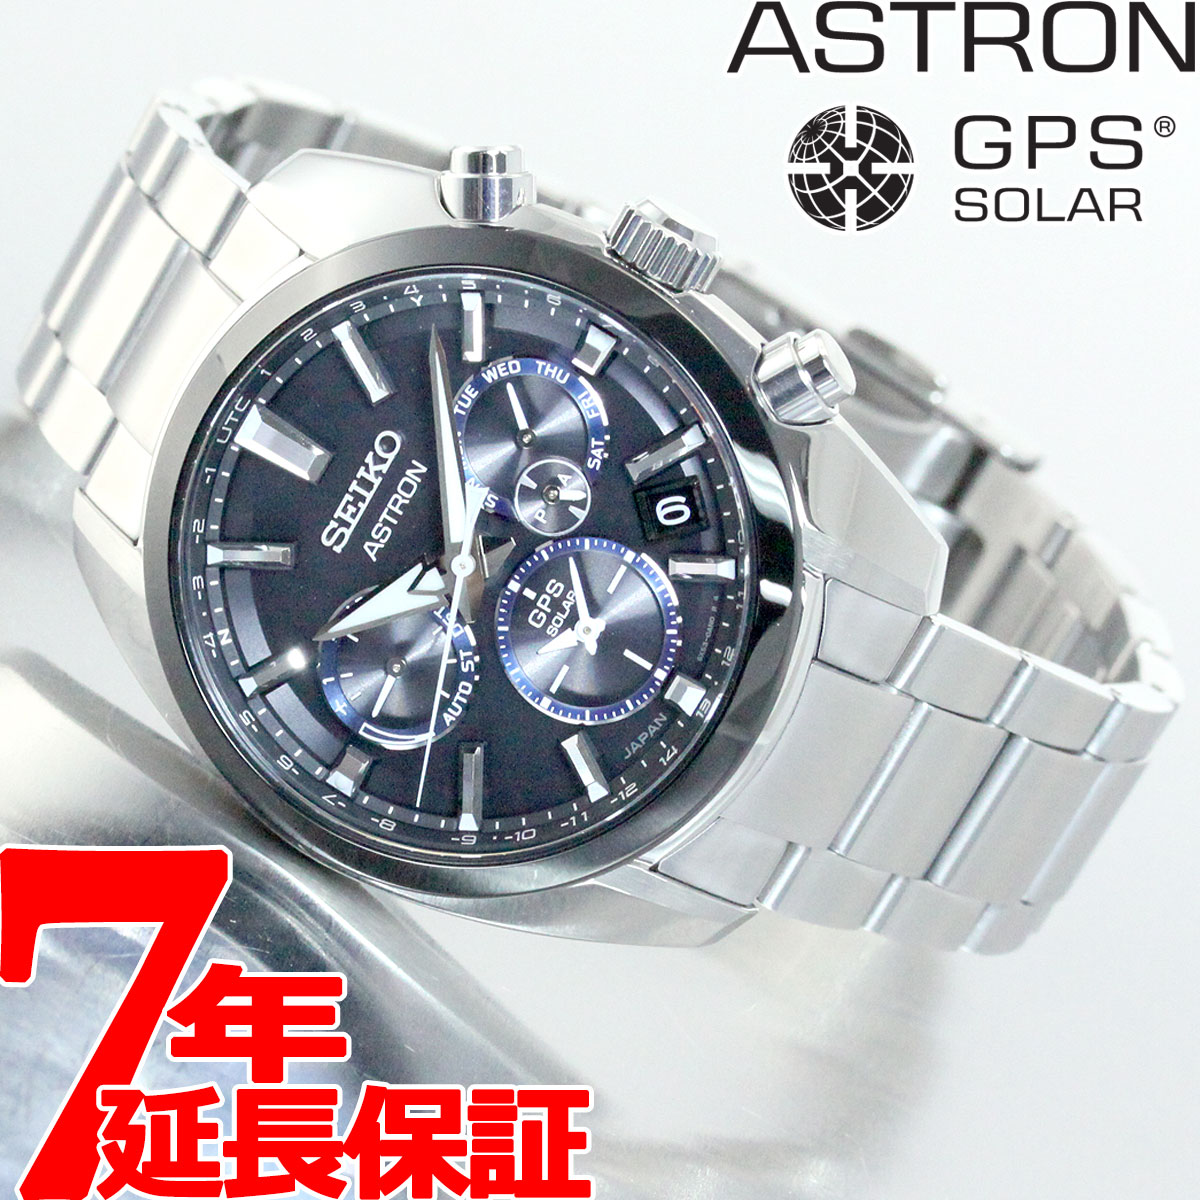 腕時計, メンズ腕時計 2502000OFF60252359 SEIKO ASTRON GPS GPS SBXC0532020